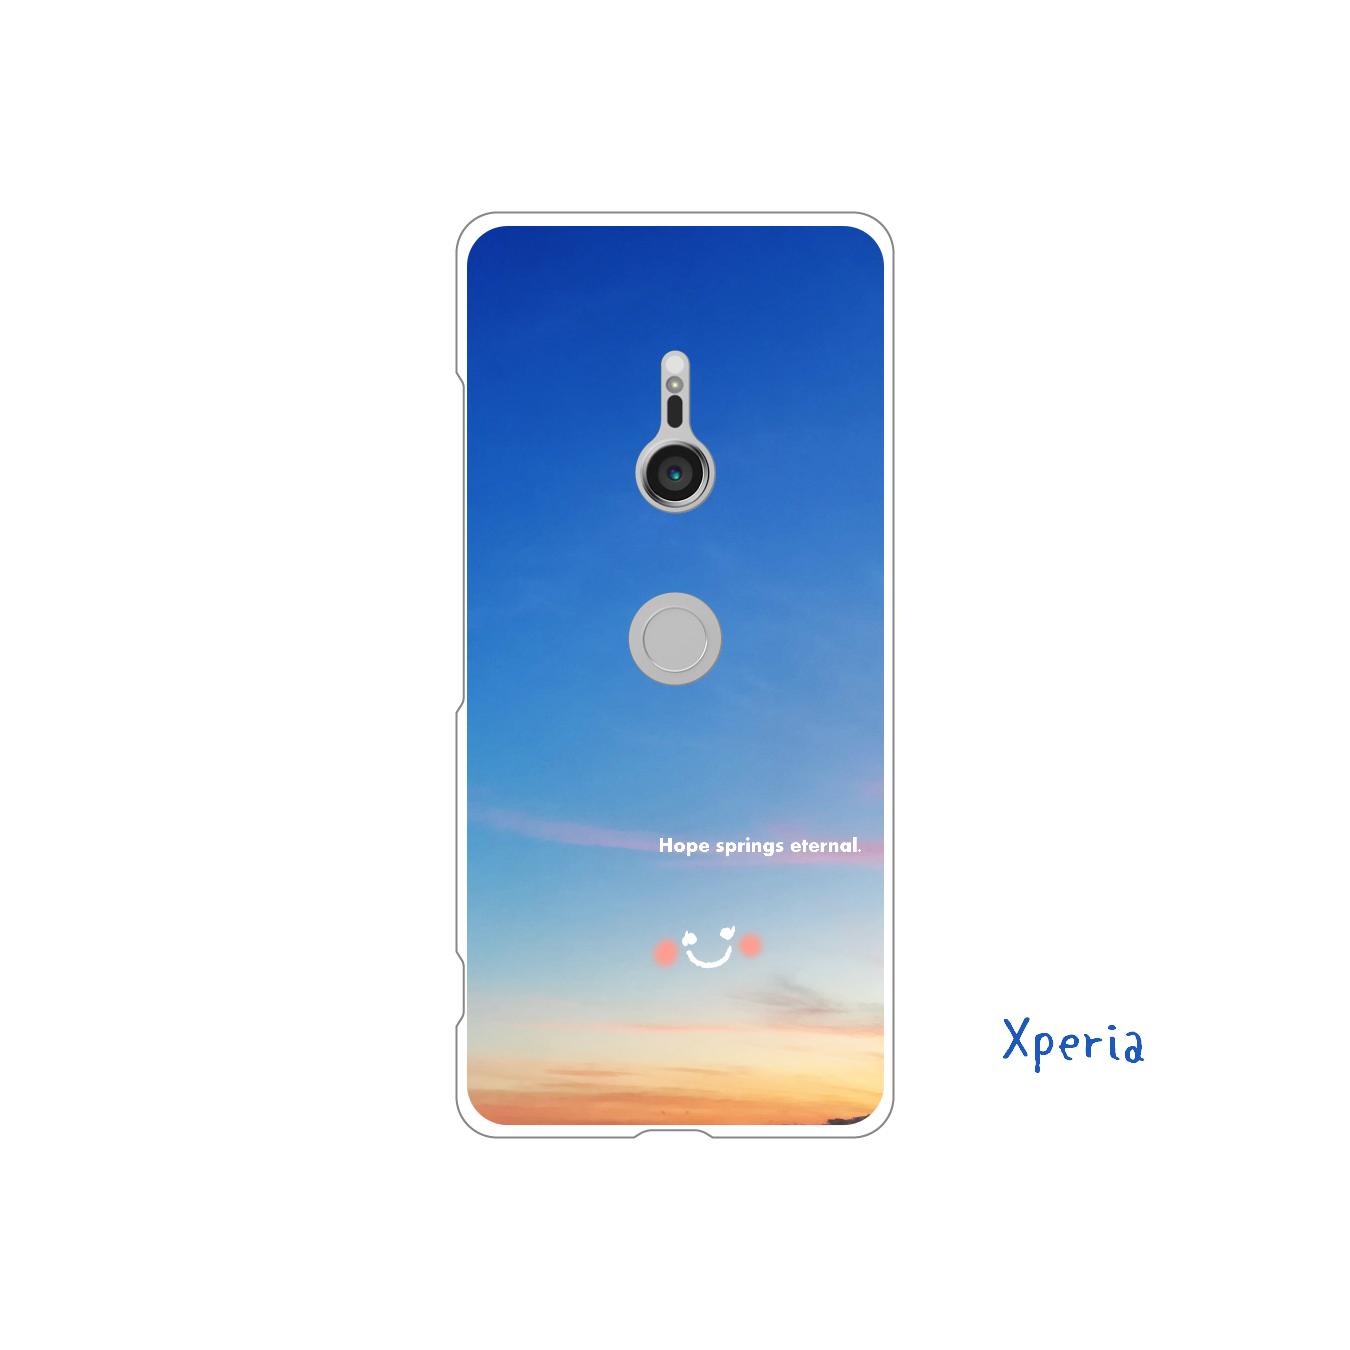 Hope springs eternal.     (Xperia) Xperia XZ3(SO-01L/SOV39/801SO)